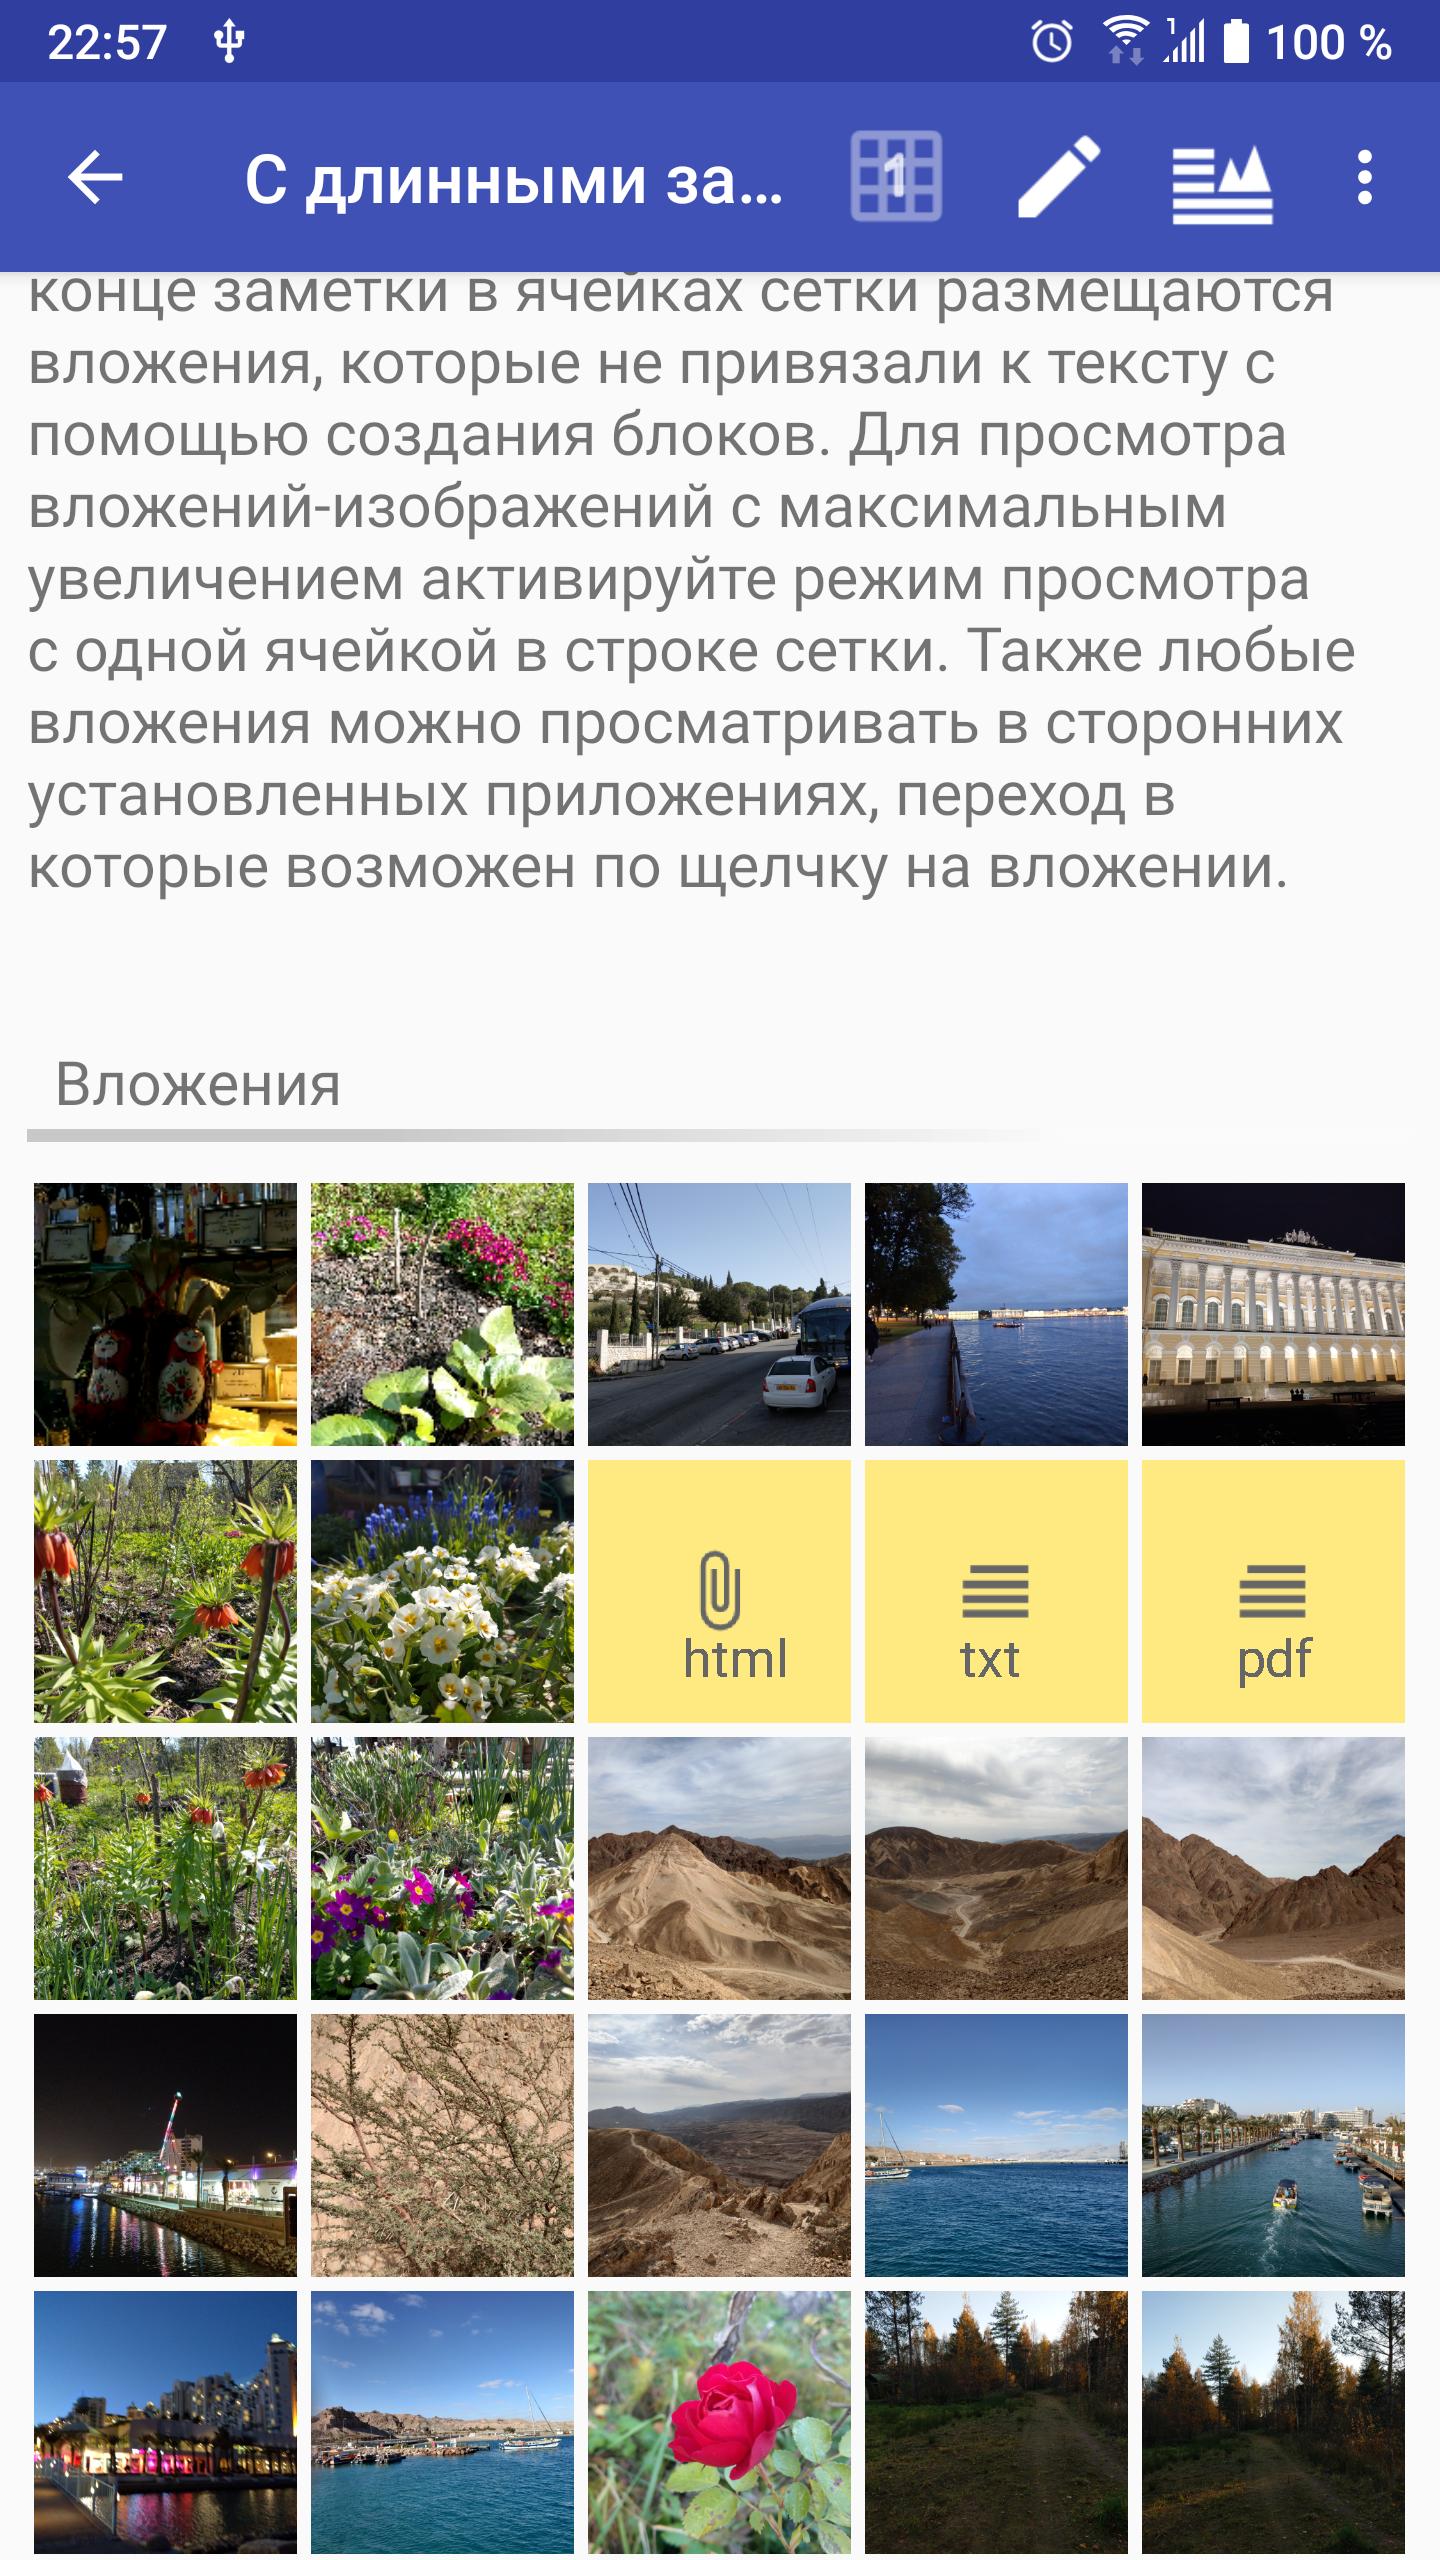 Добавляйте фото, видео, др. файловые вложения